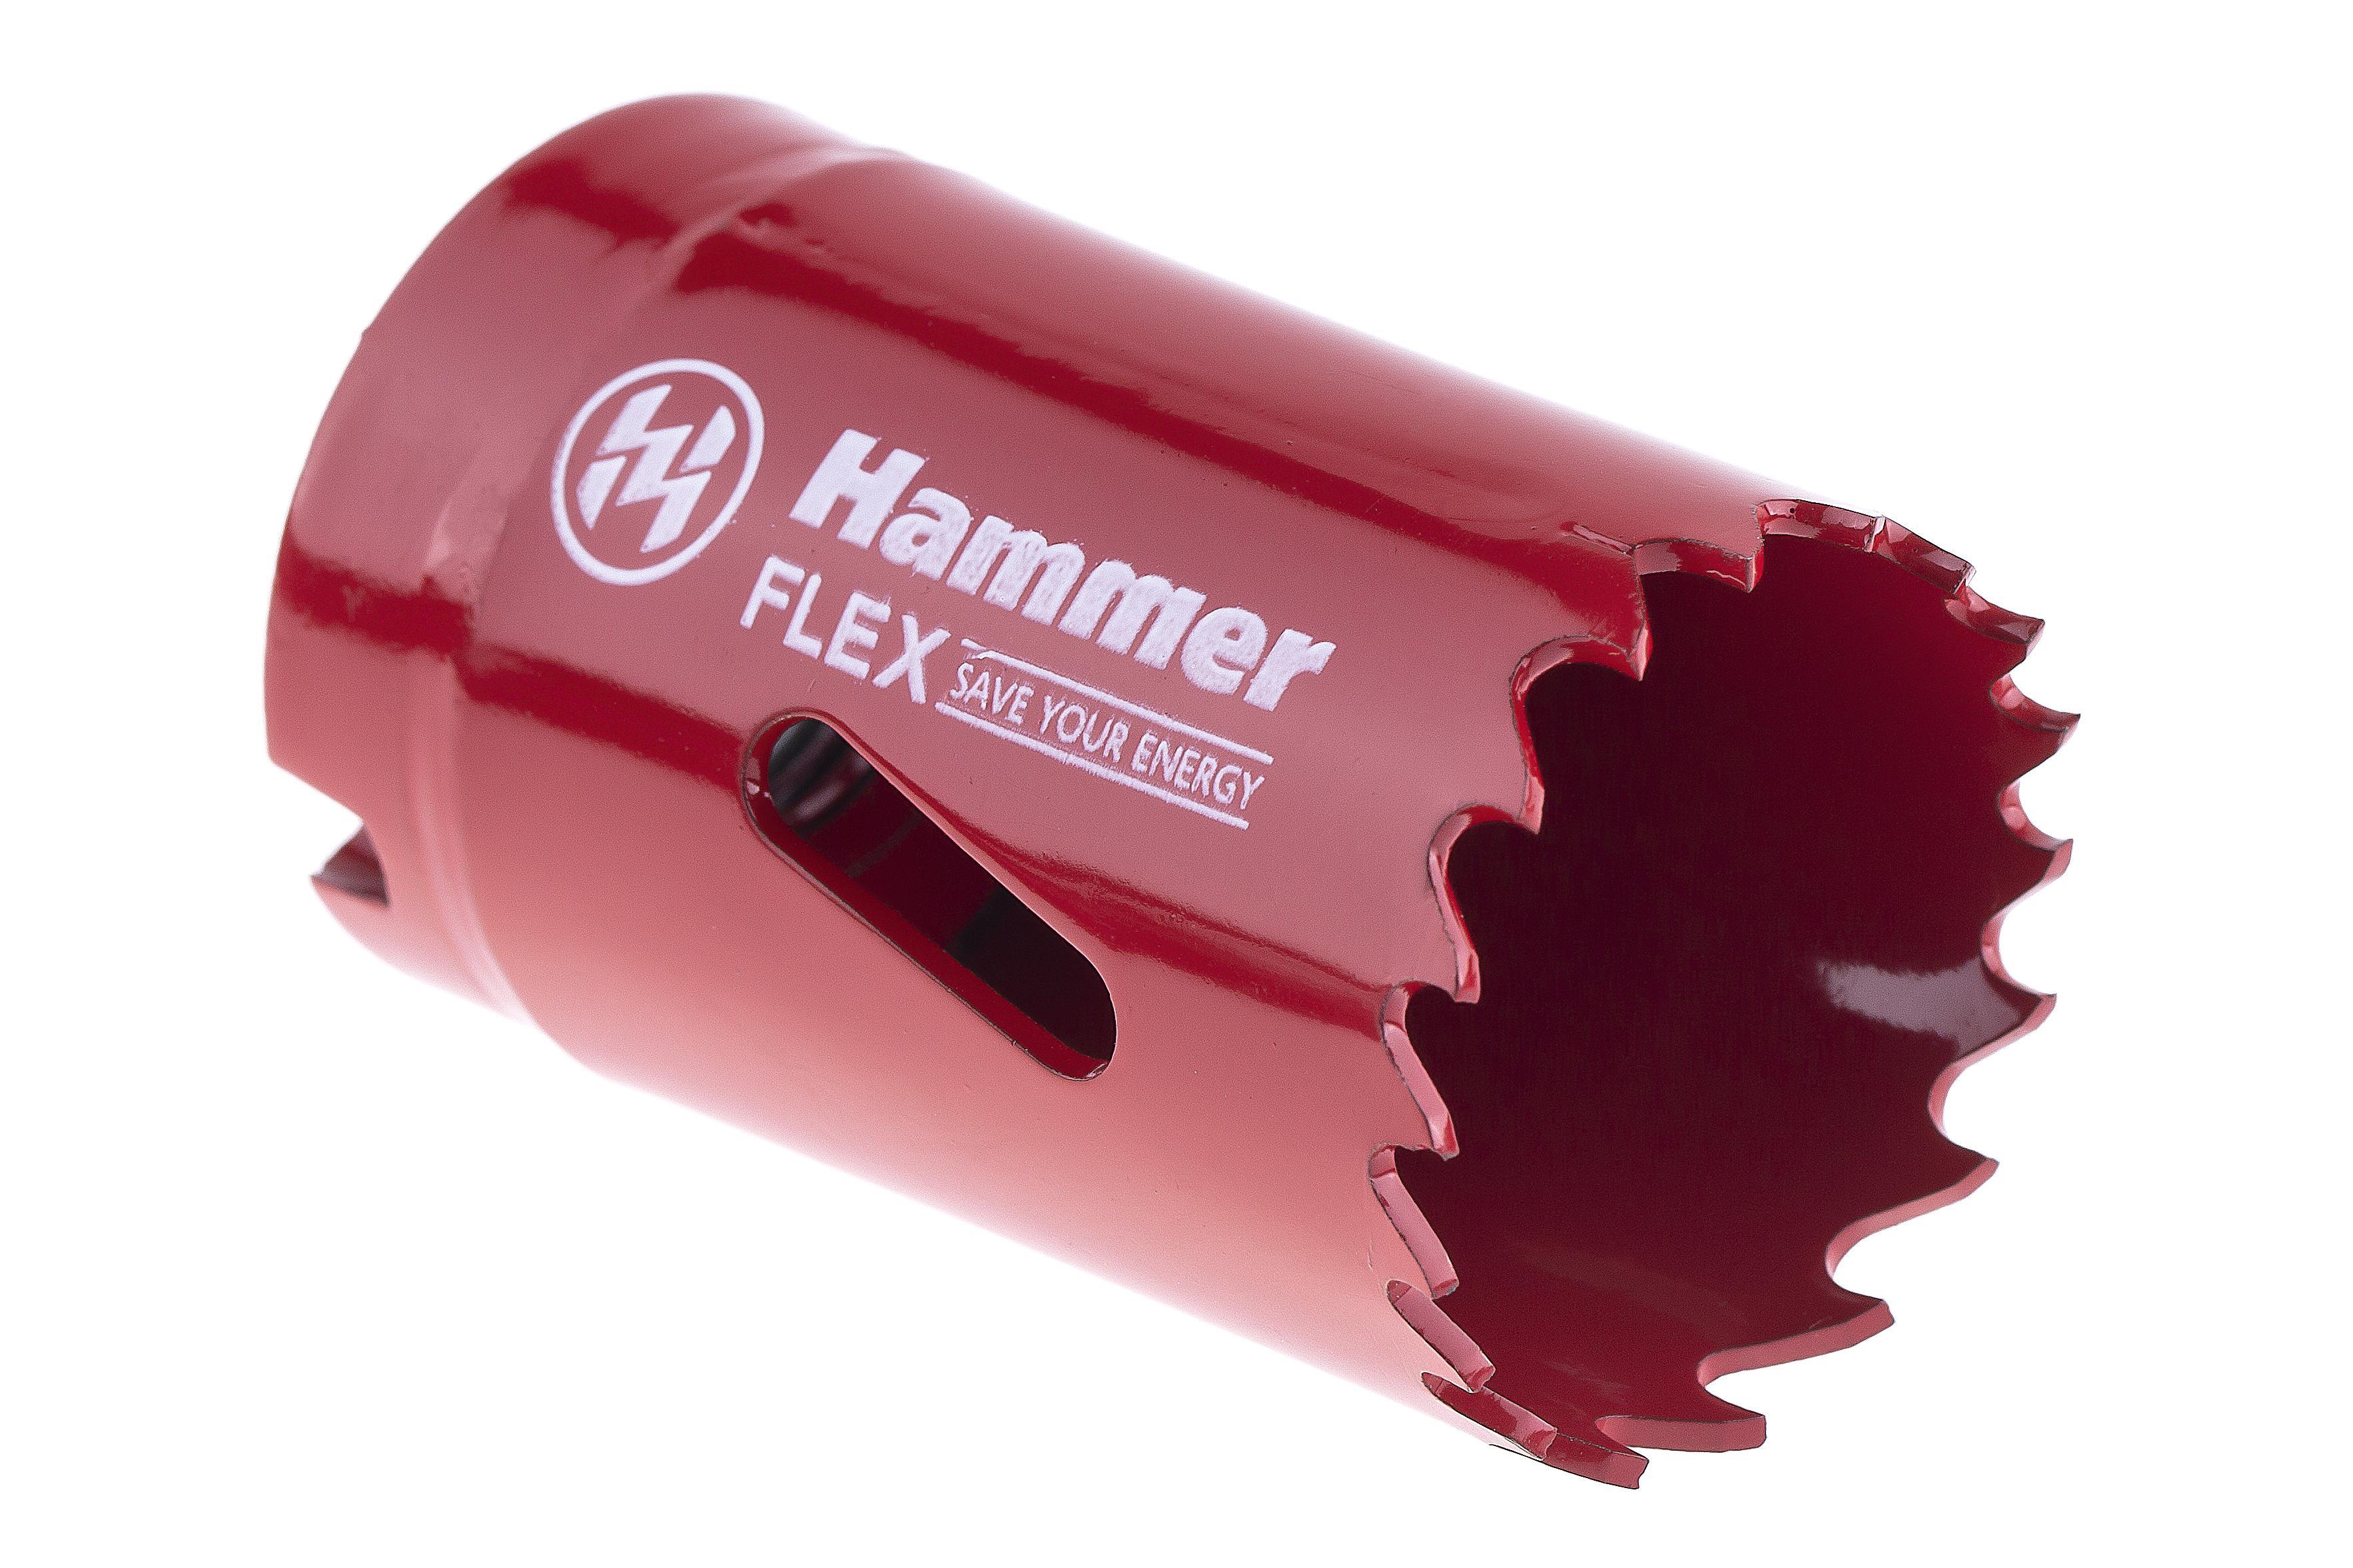 Коронка биметаллическая Hammer 224-006 bimetall 32 мм коронка биметаллическая hammer 224 011 bimetall 57 мм